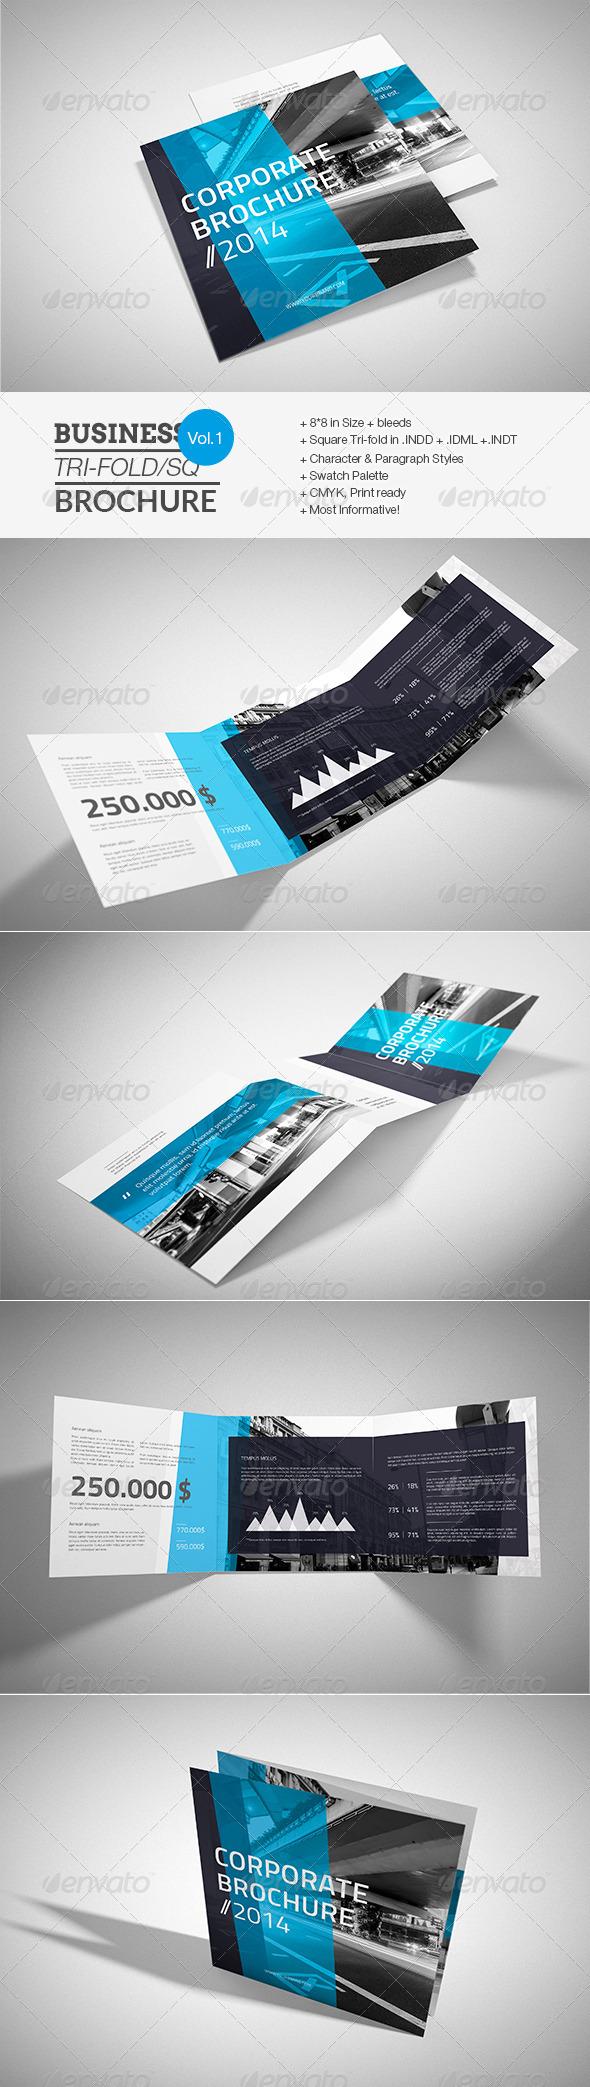 GraphicRiver Corporate Square Trifold Brochure 7666590